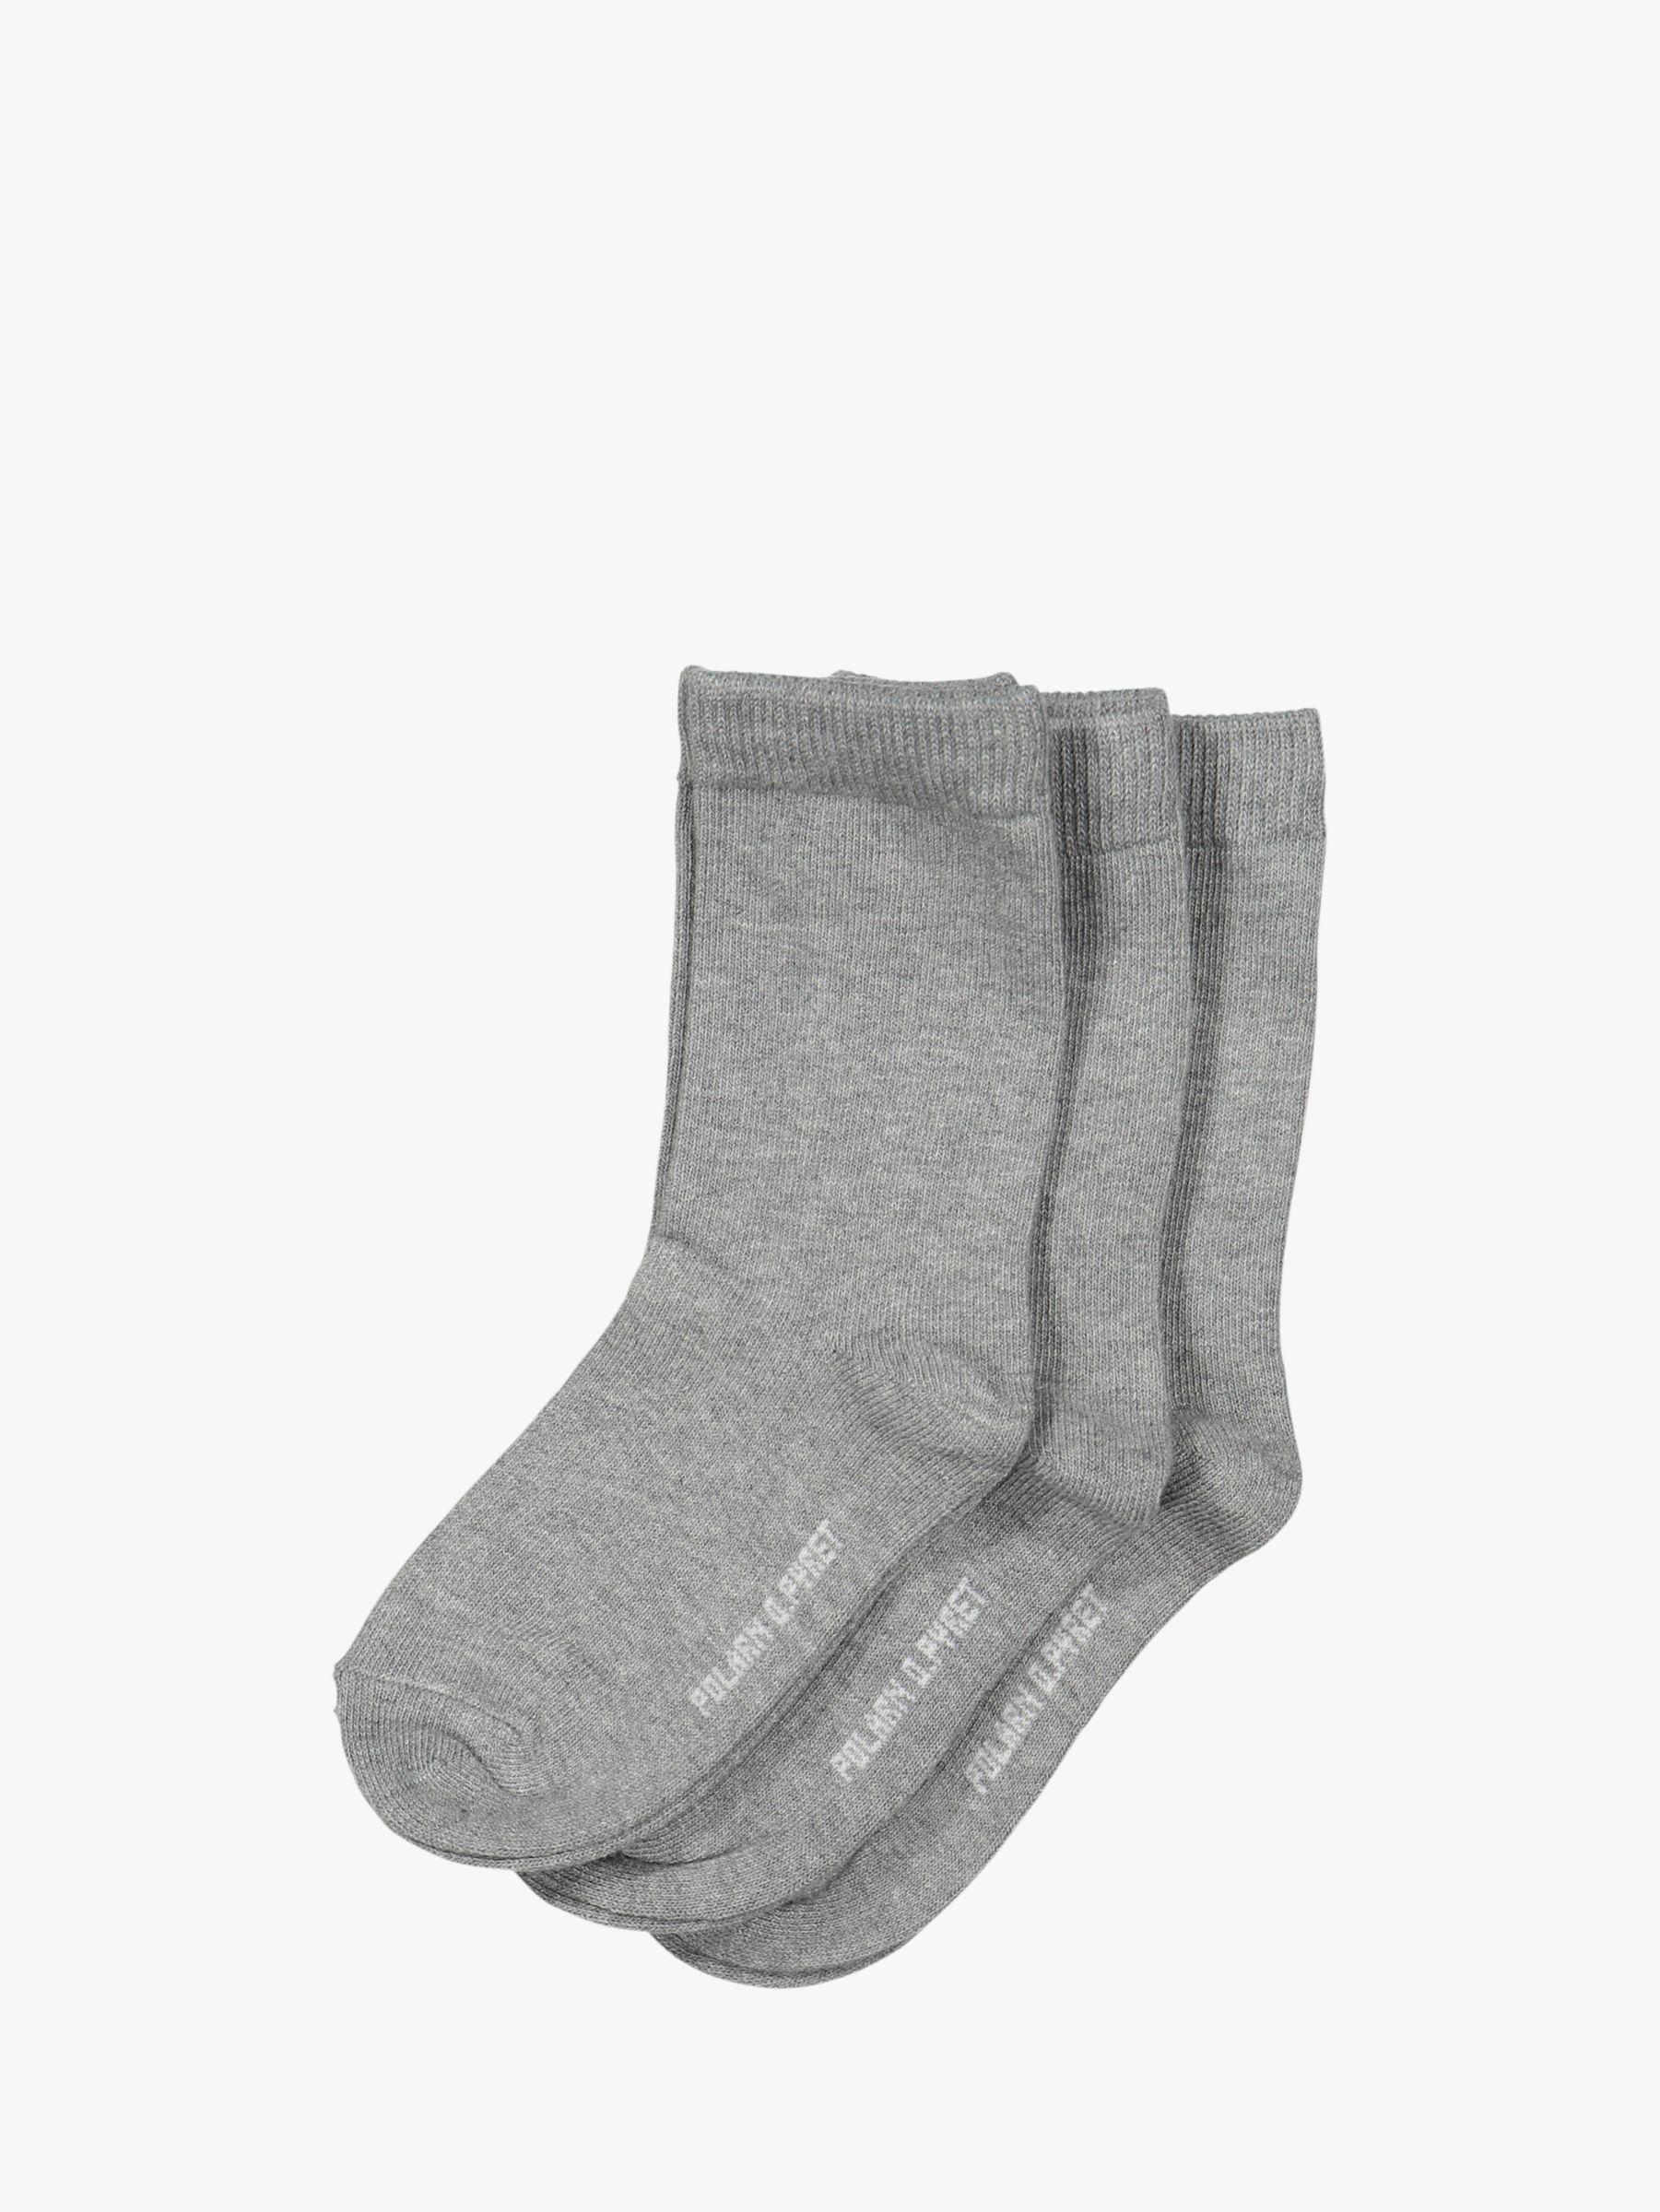 Polarn O. Pyret Polarn O. Pyret Children's Plain Socks, Pack of 3